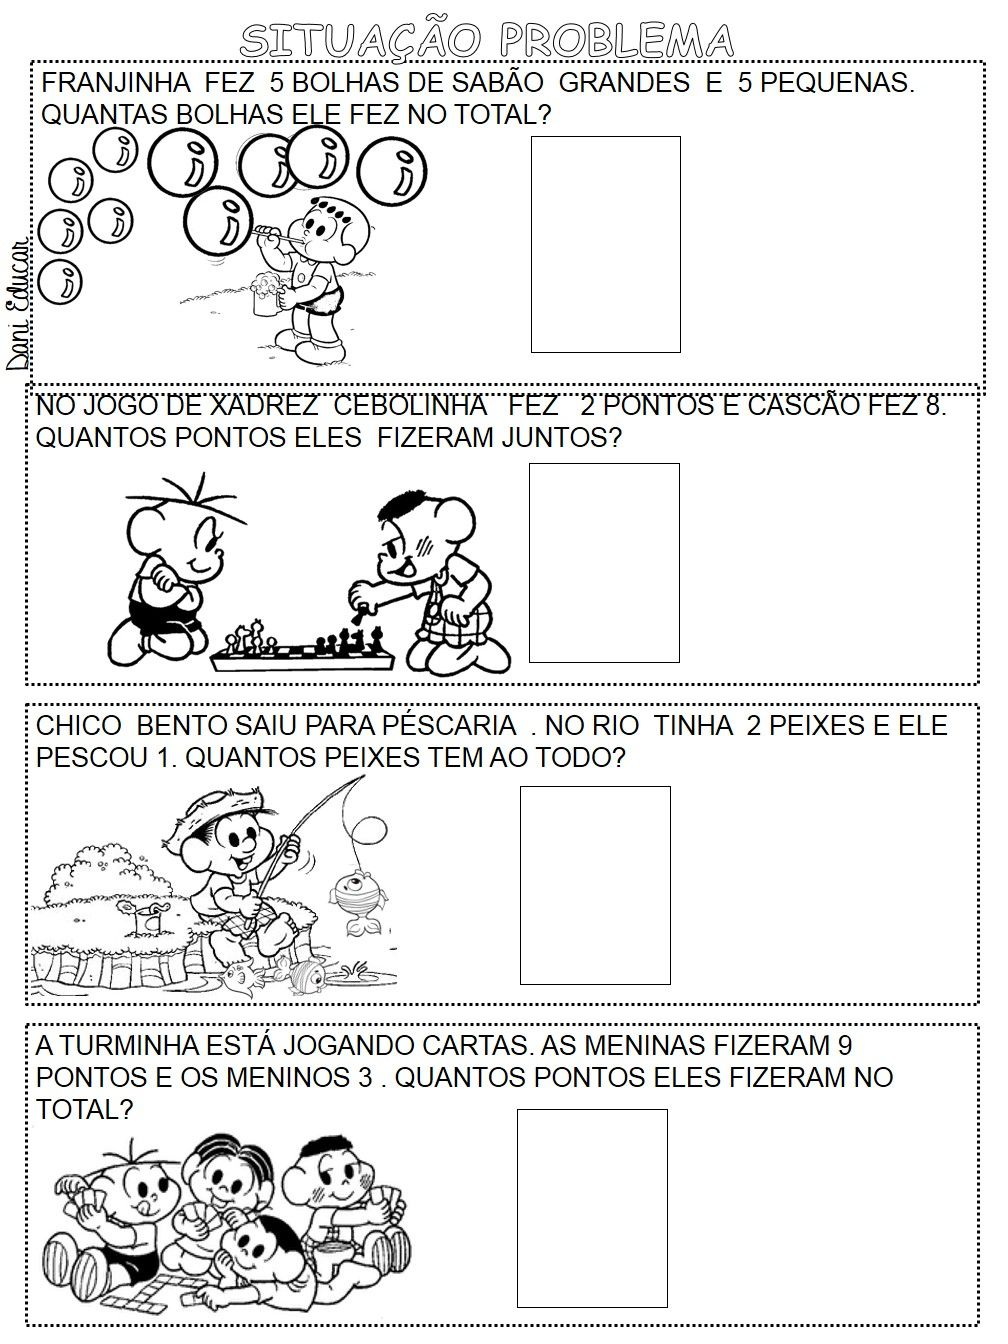 Conhecido Probleminhas de adição com desenhos ilustrado da Turma da Mônica  WG66